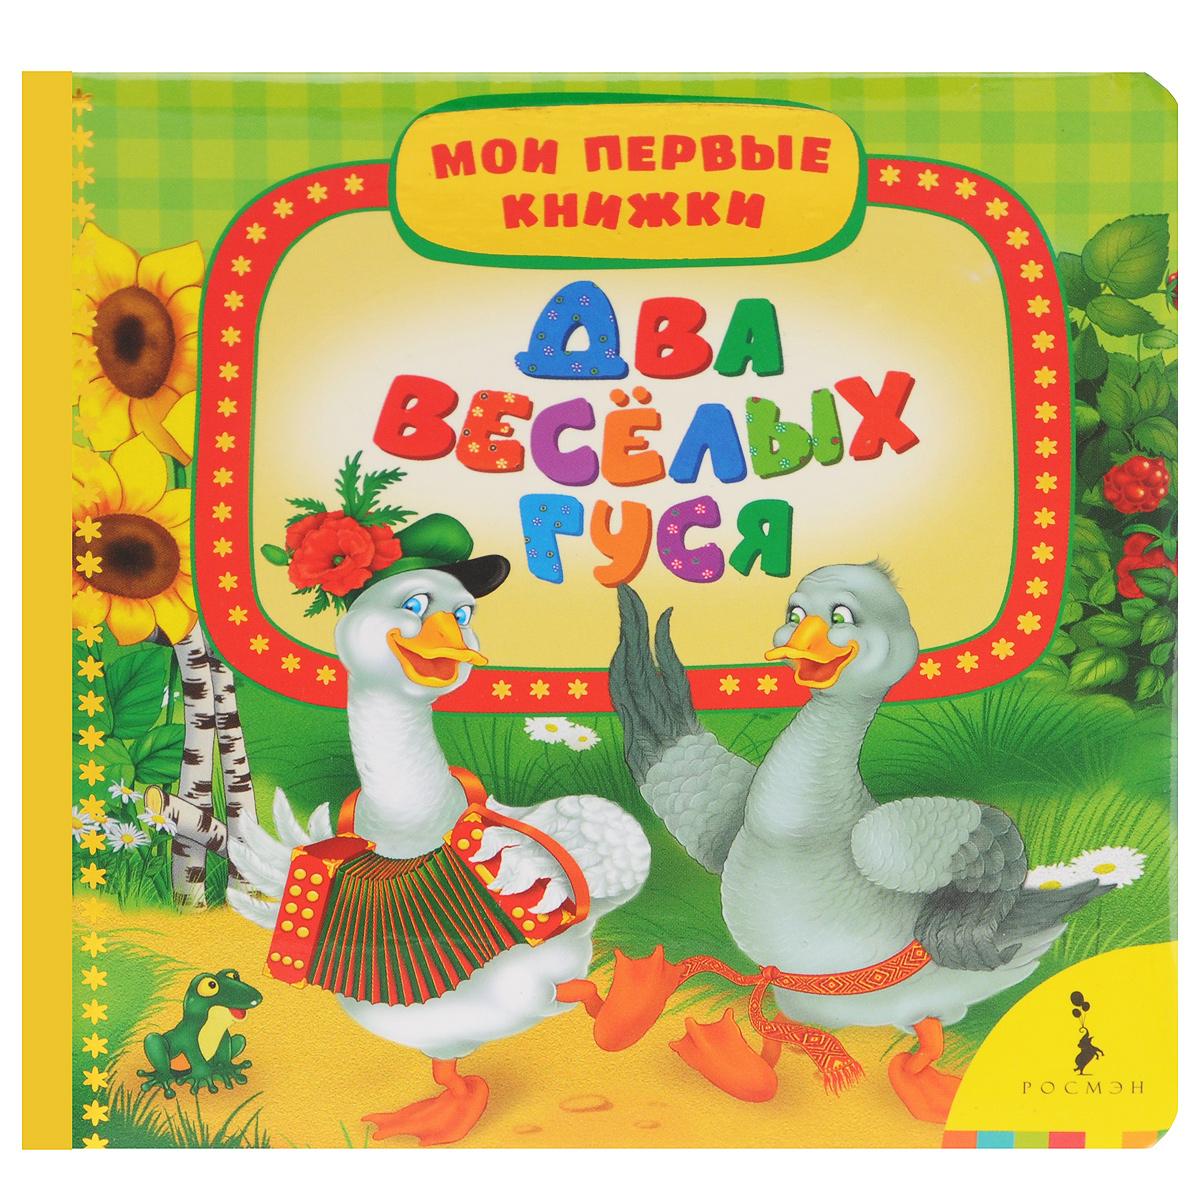 Два веселых гуся12296407Серия МОИ ПЕРВЫЕ КНИЖКИ предназначена для чтения детям до трех лет и включает в себя произведения, подобранные с учётом возраста ребёнка. Любимые сказки, стихи, загадки, песенки и потешки проиллюстрированы талантливыми художниками. Книги с красочными рисунками помогут приобщить малыша к чтению и разовьют его кругозор. Лучшие произведения для малышей; Любимые детские писатели; Яркие иллюстрации; Удобный и безопасный формат книги.